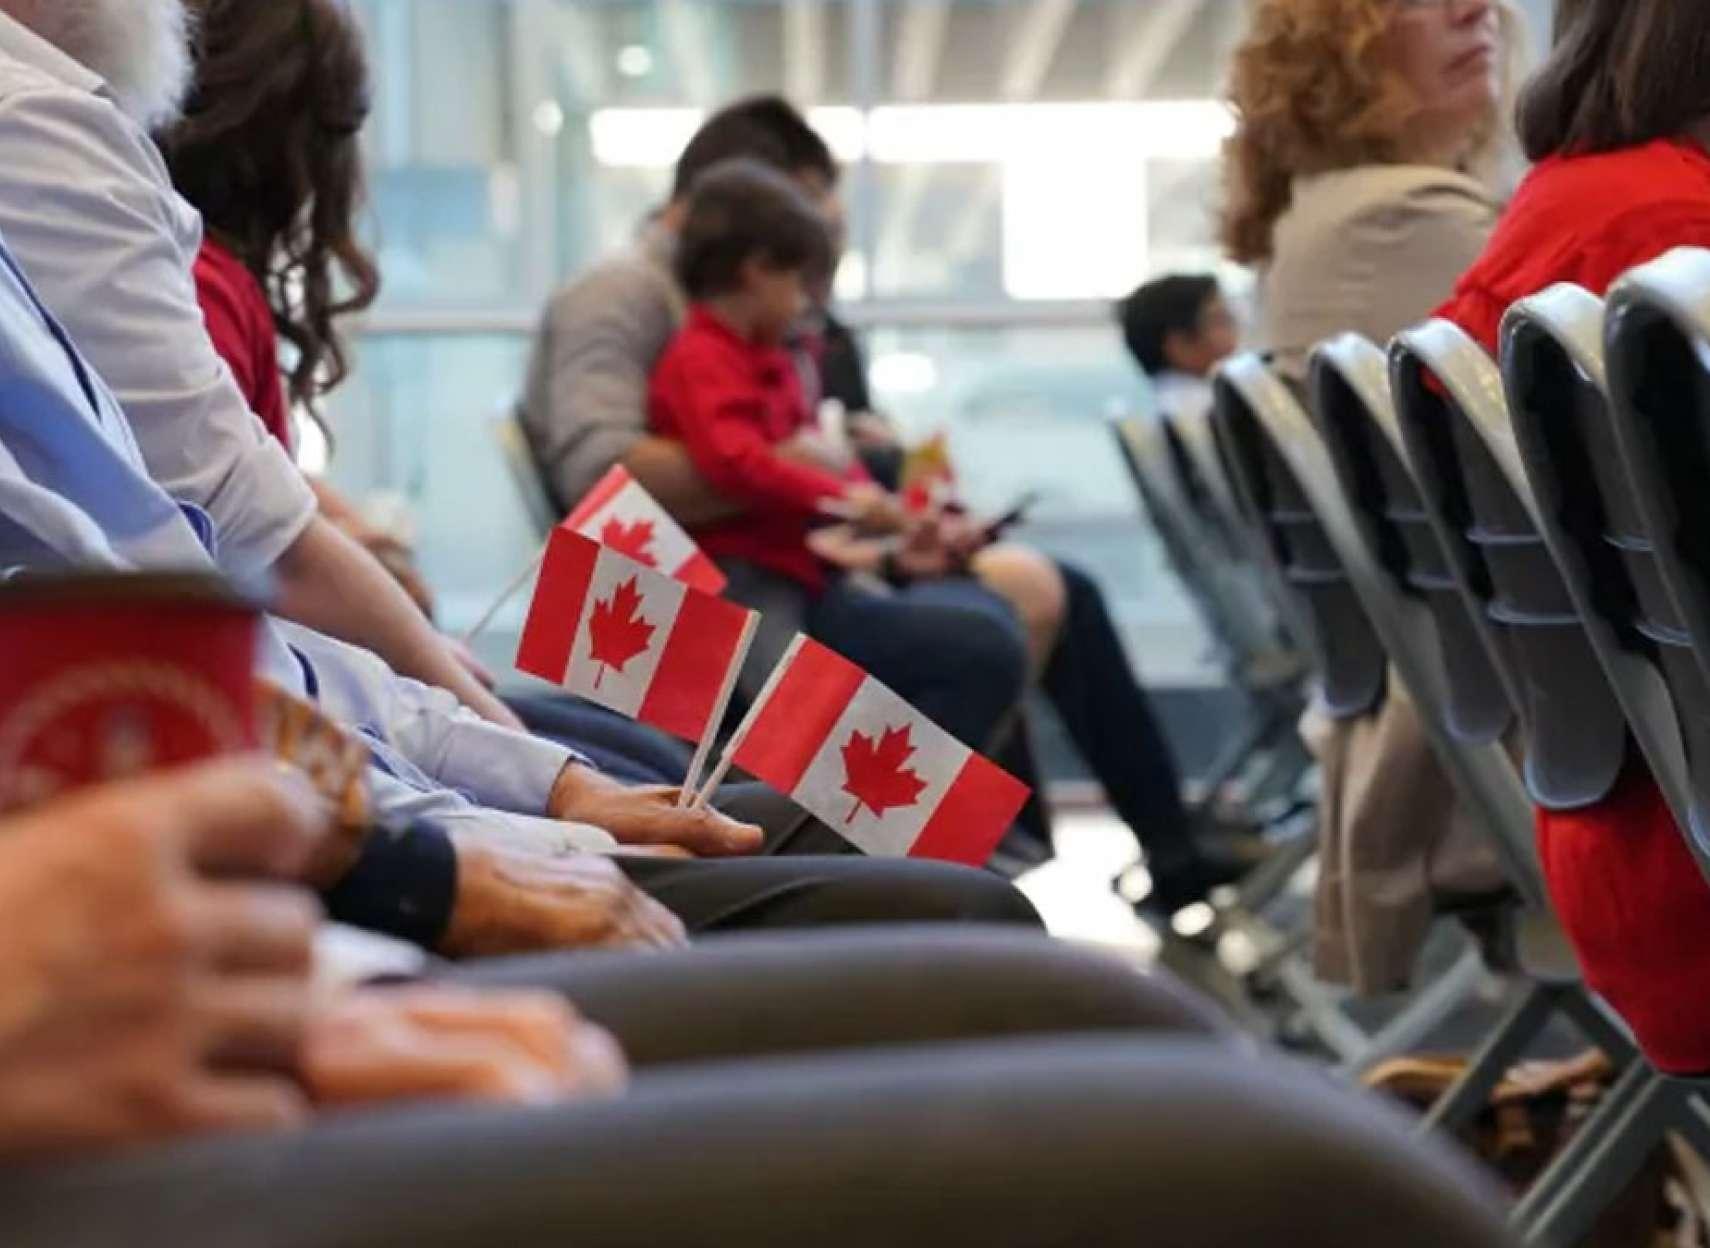 اخبار-مهاجرتی-بهیاران-ضروری-و-فارغ-التحصیلان-ساکن-کانادا-اقامت-دائم-می-گیرند